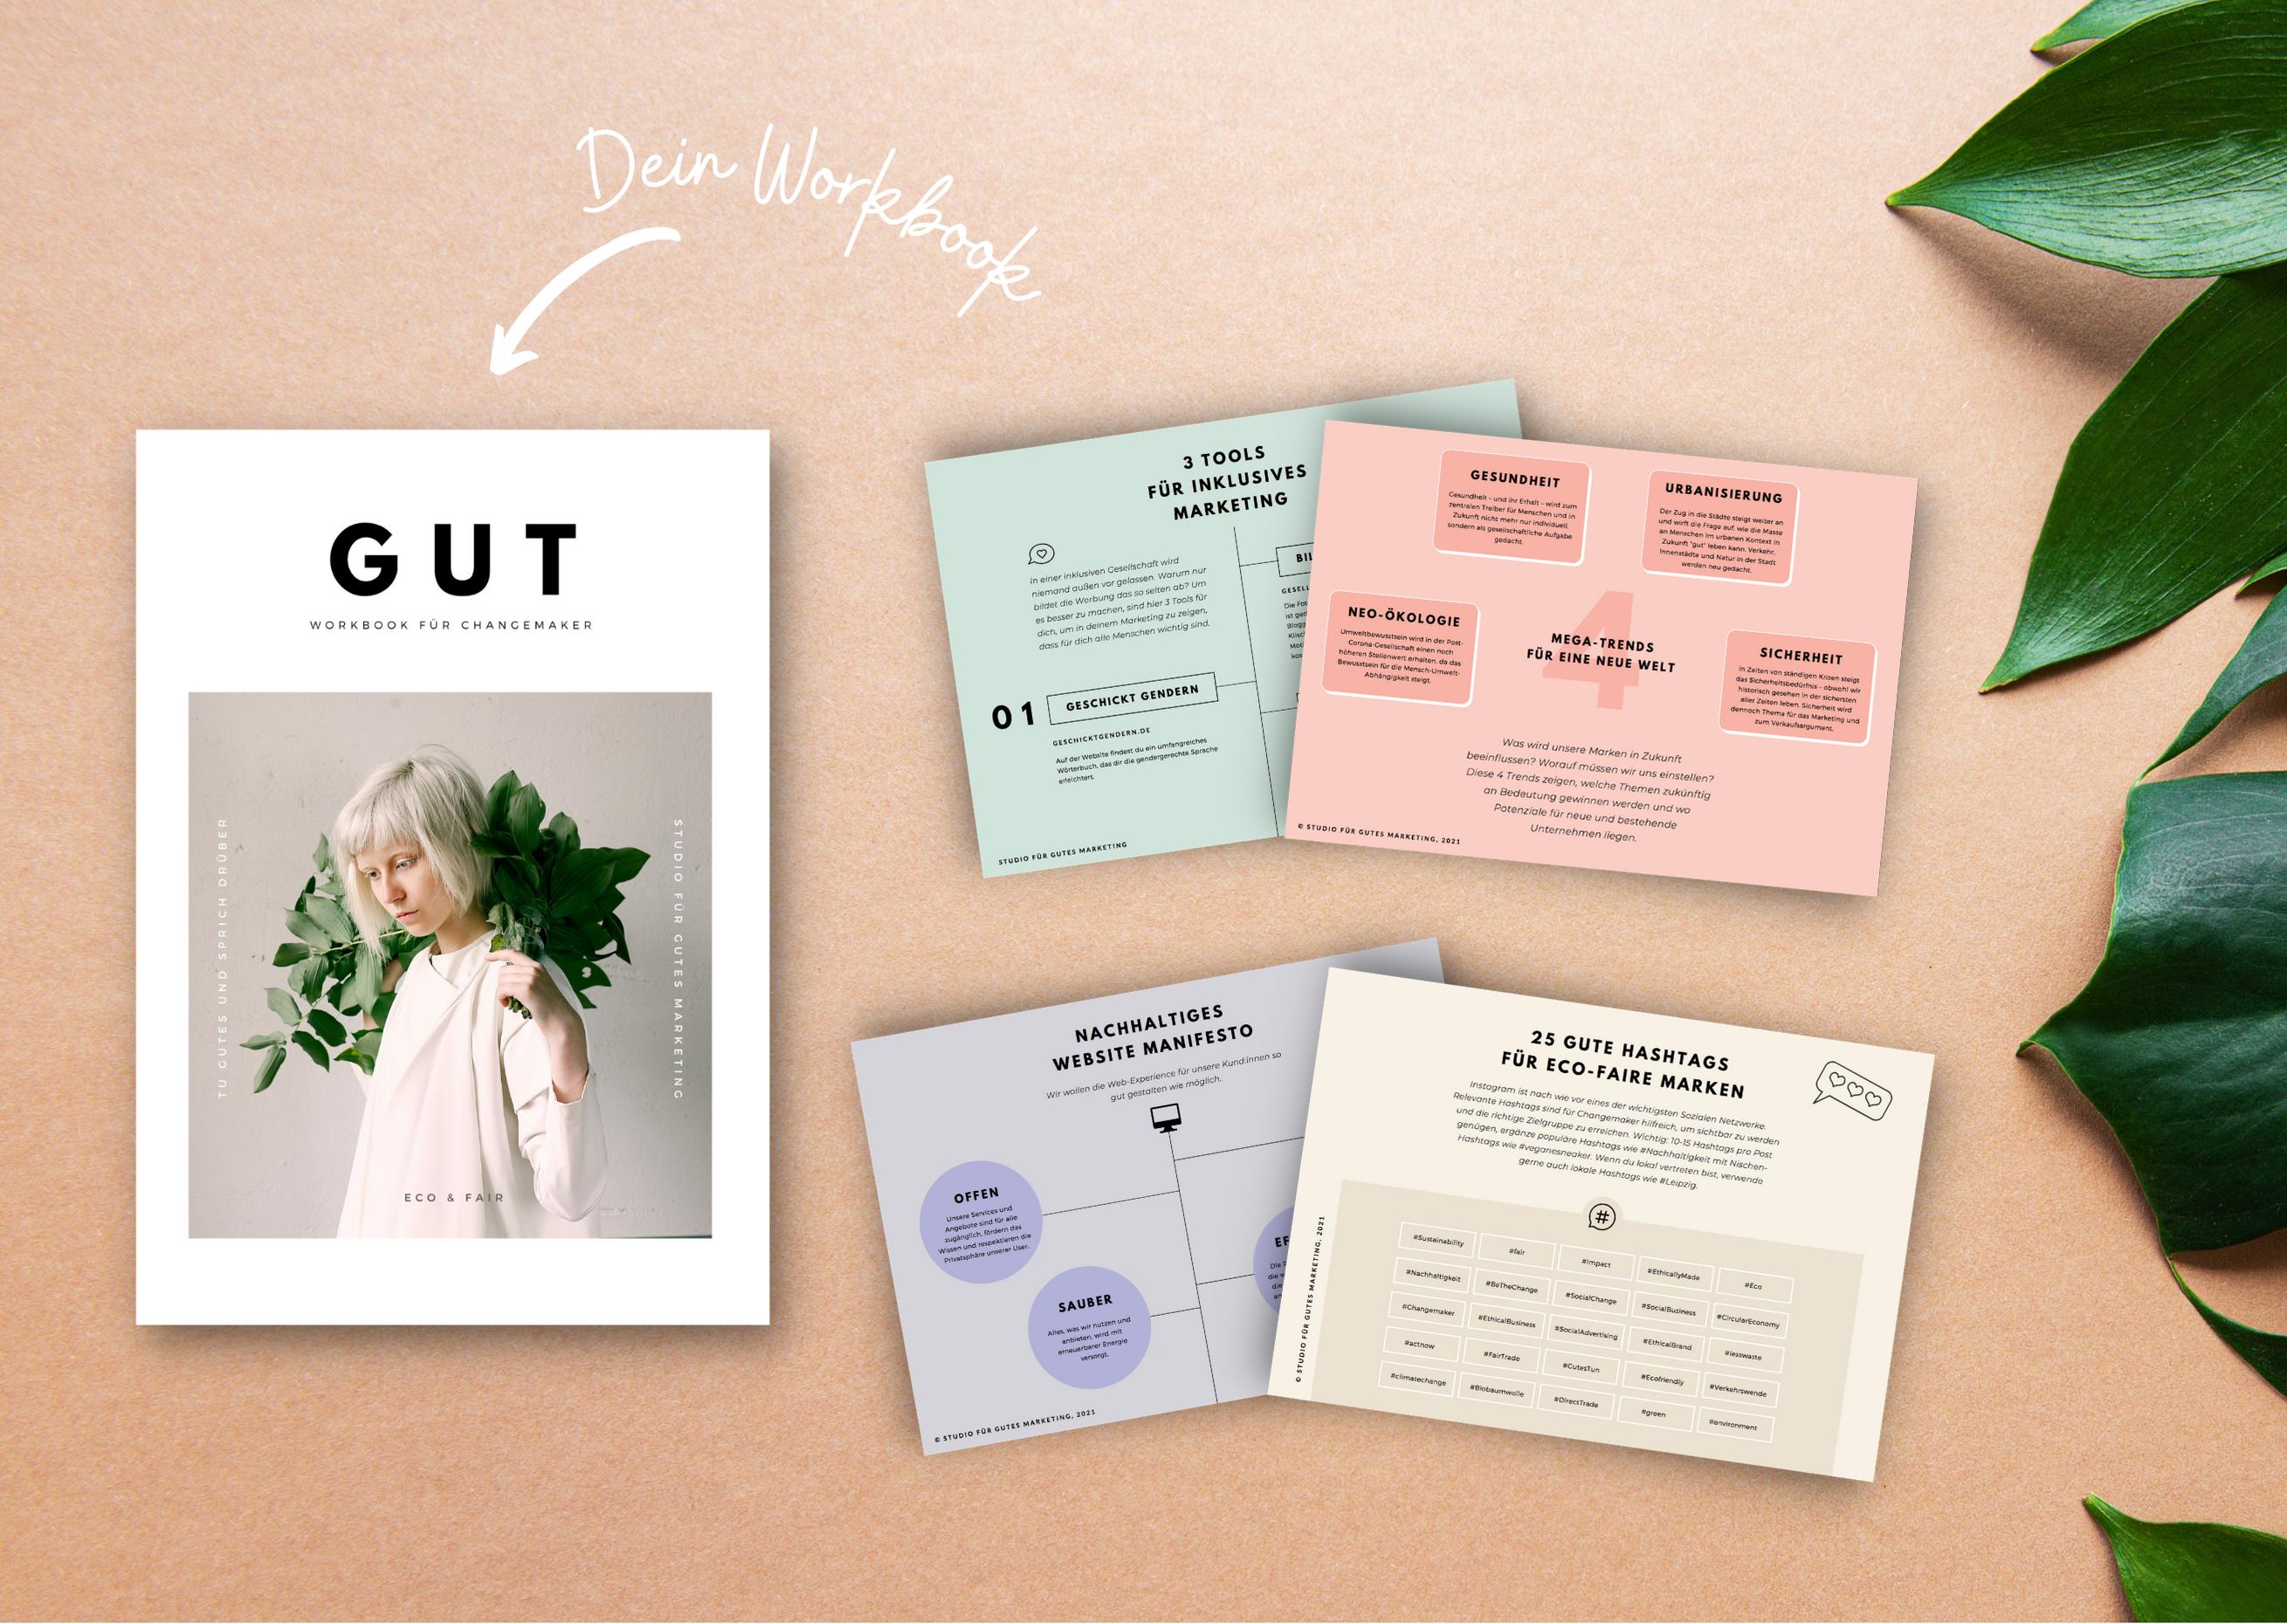 DIY Guide Nachhaltiges Marketing